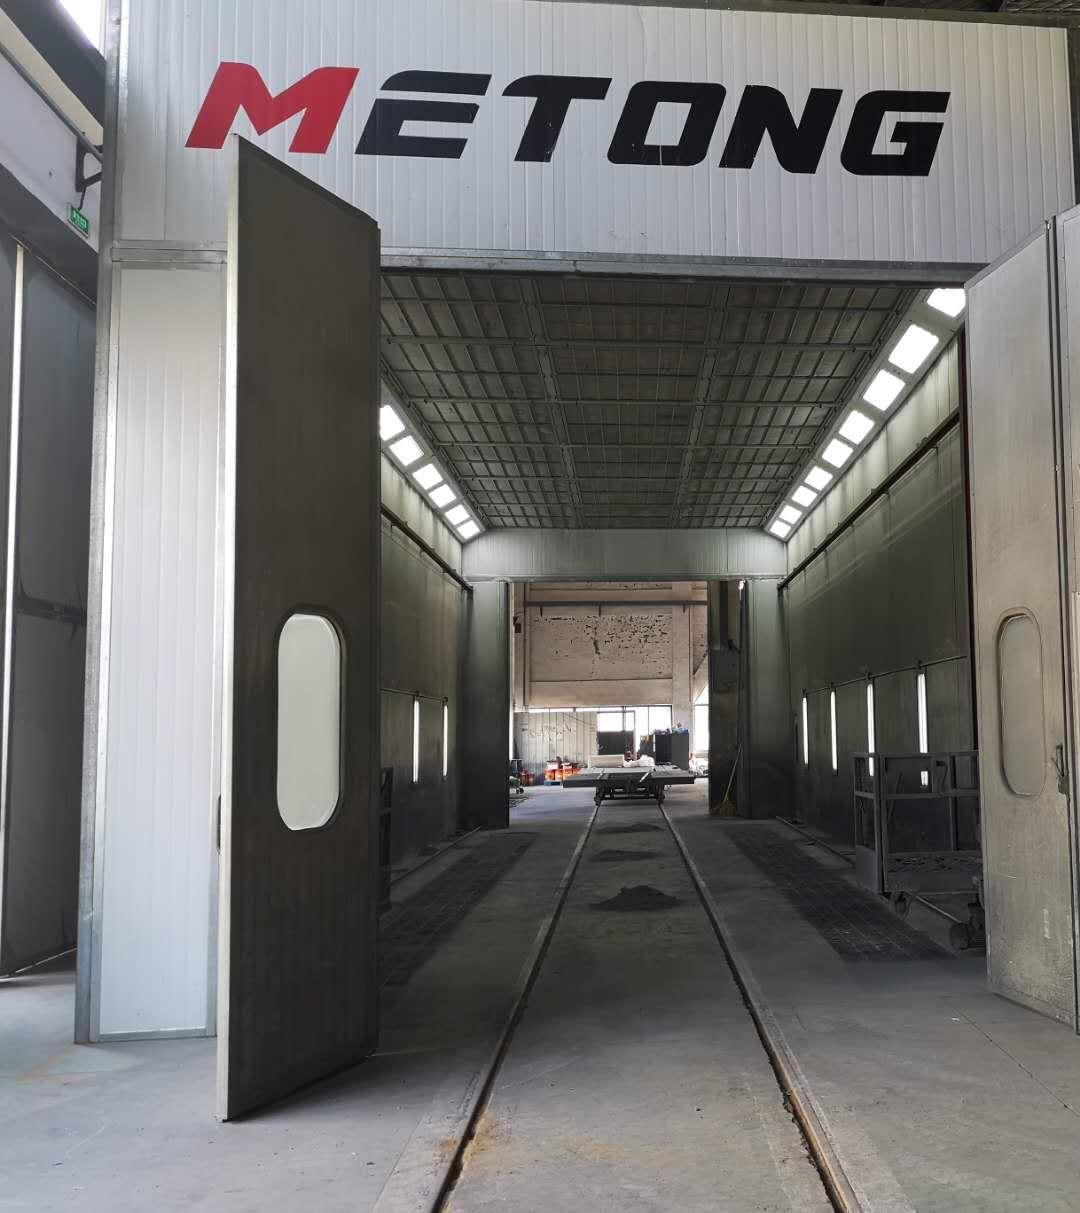 盐城福斯泰环保设备有限公司在美通重机的定制喷漆房圆满竣工